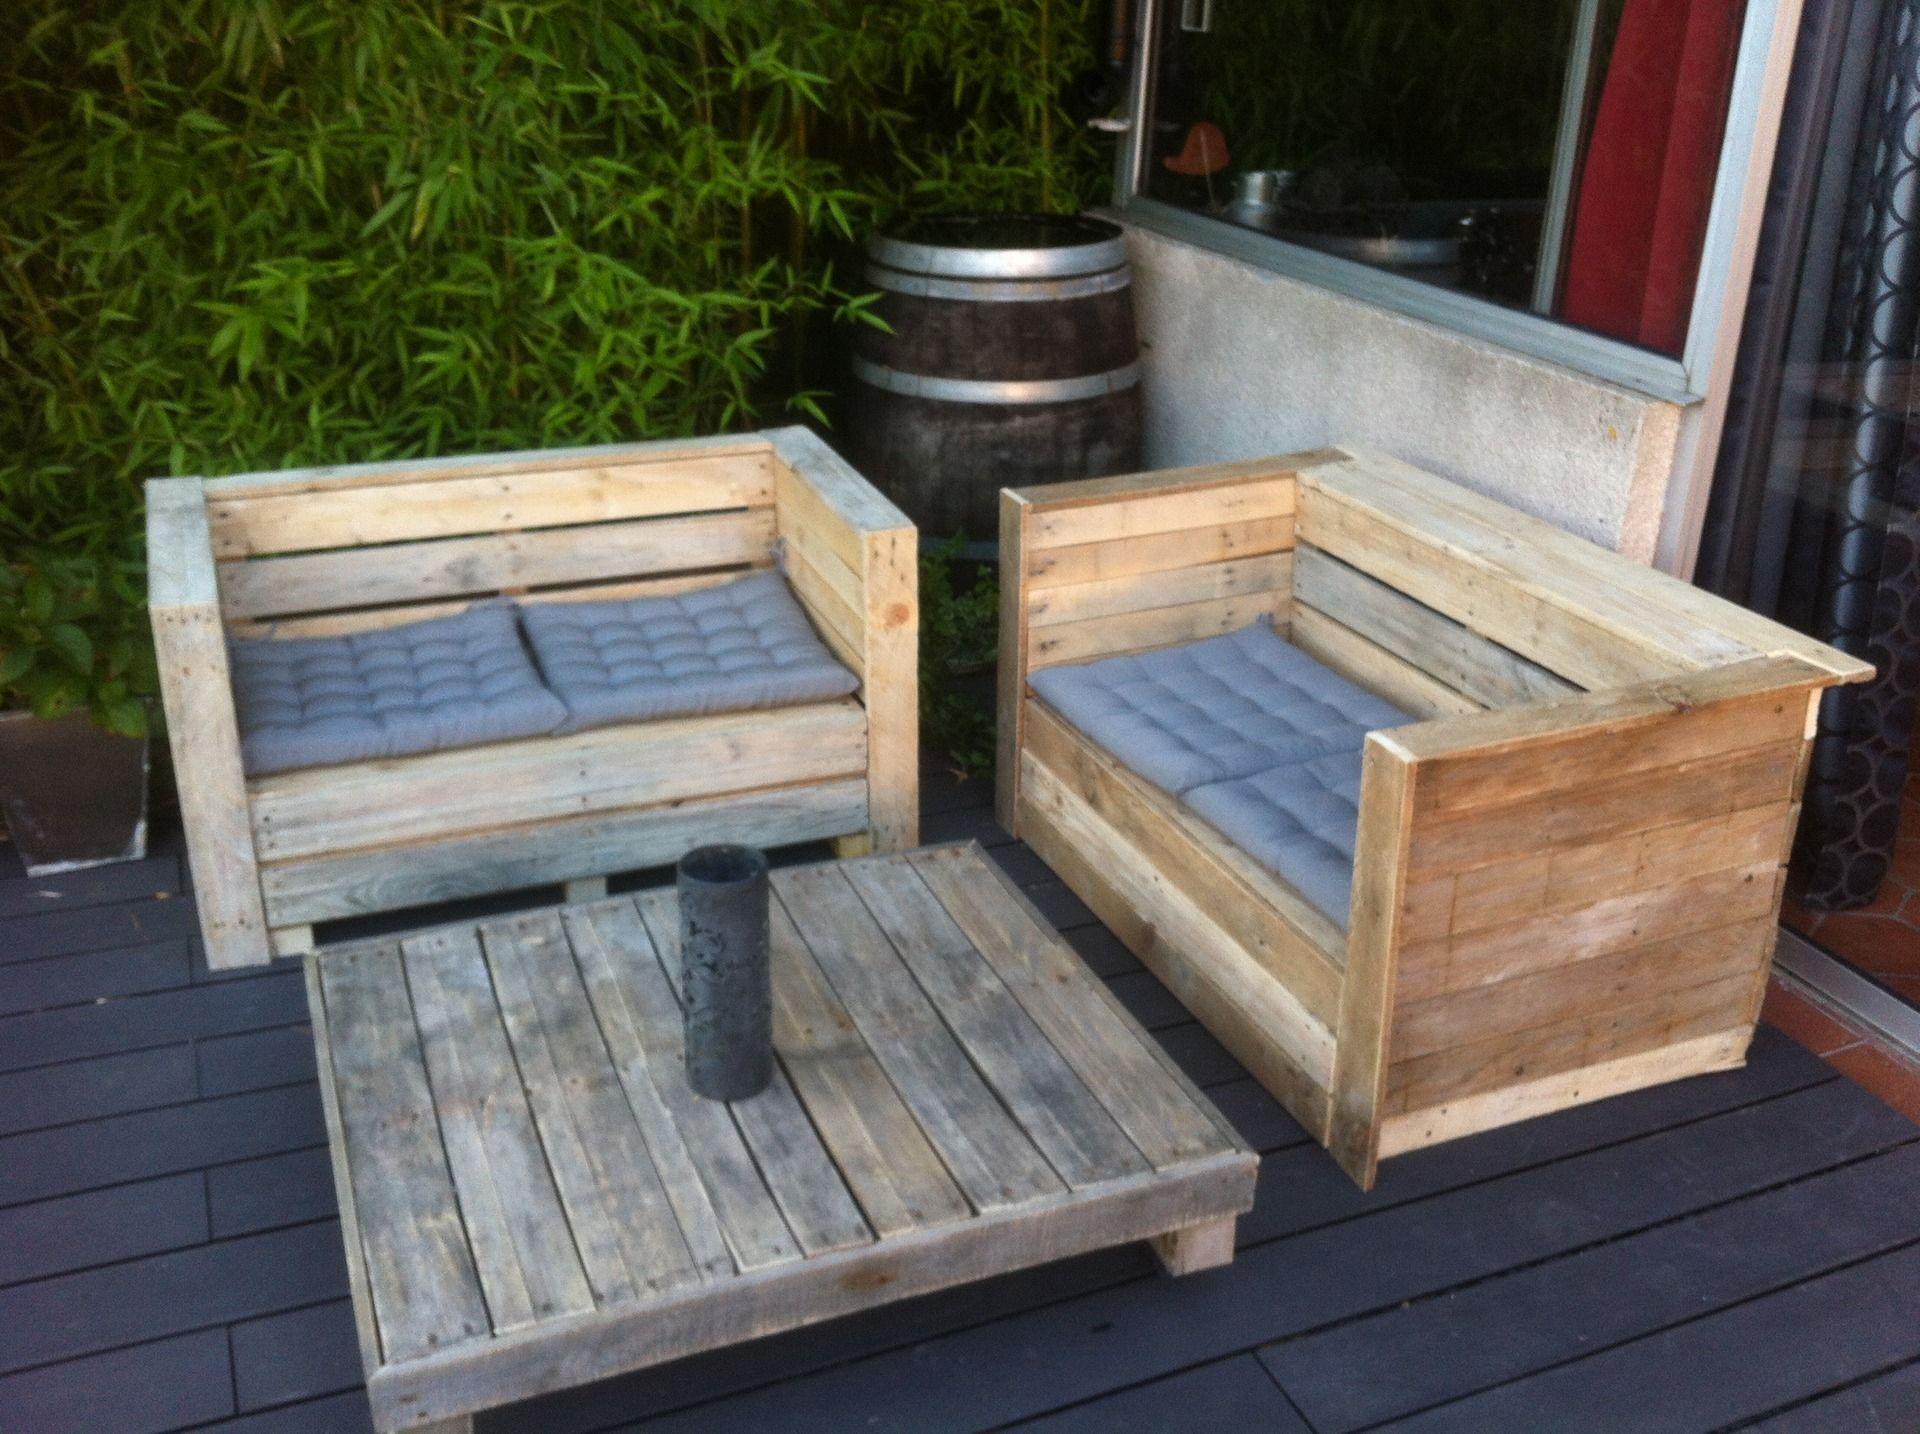 bon Canapé et table bois de palette pour jardin ou interieur : Meubles et  rangements par noahdecoco